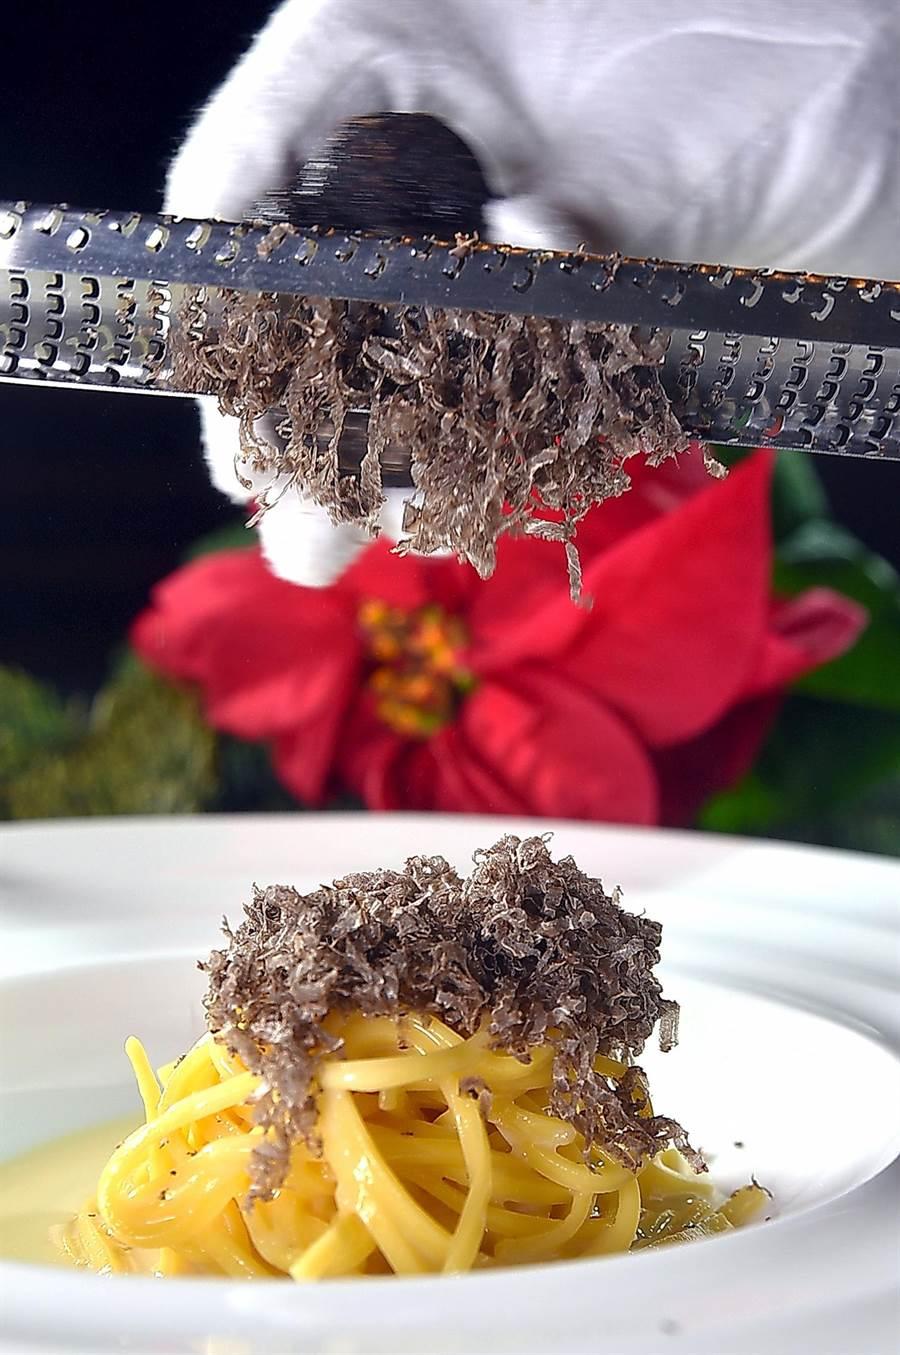 現刨黑松露的〈手工義大利麵〉麵條是TOSCANA廚房手工自製,彈Q口感讓人驚艷,在松露與帕瑪森起司提香下,好吃度破表。(圖/姚舜)